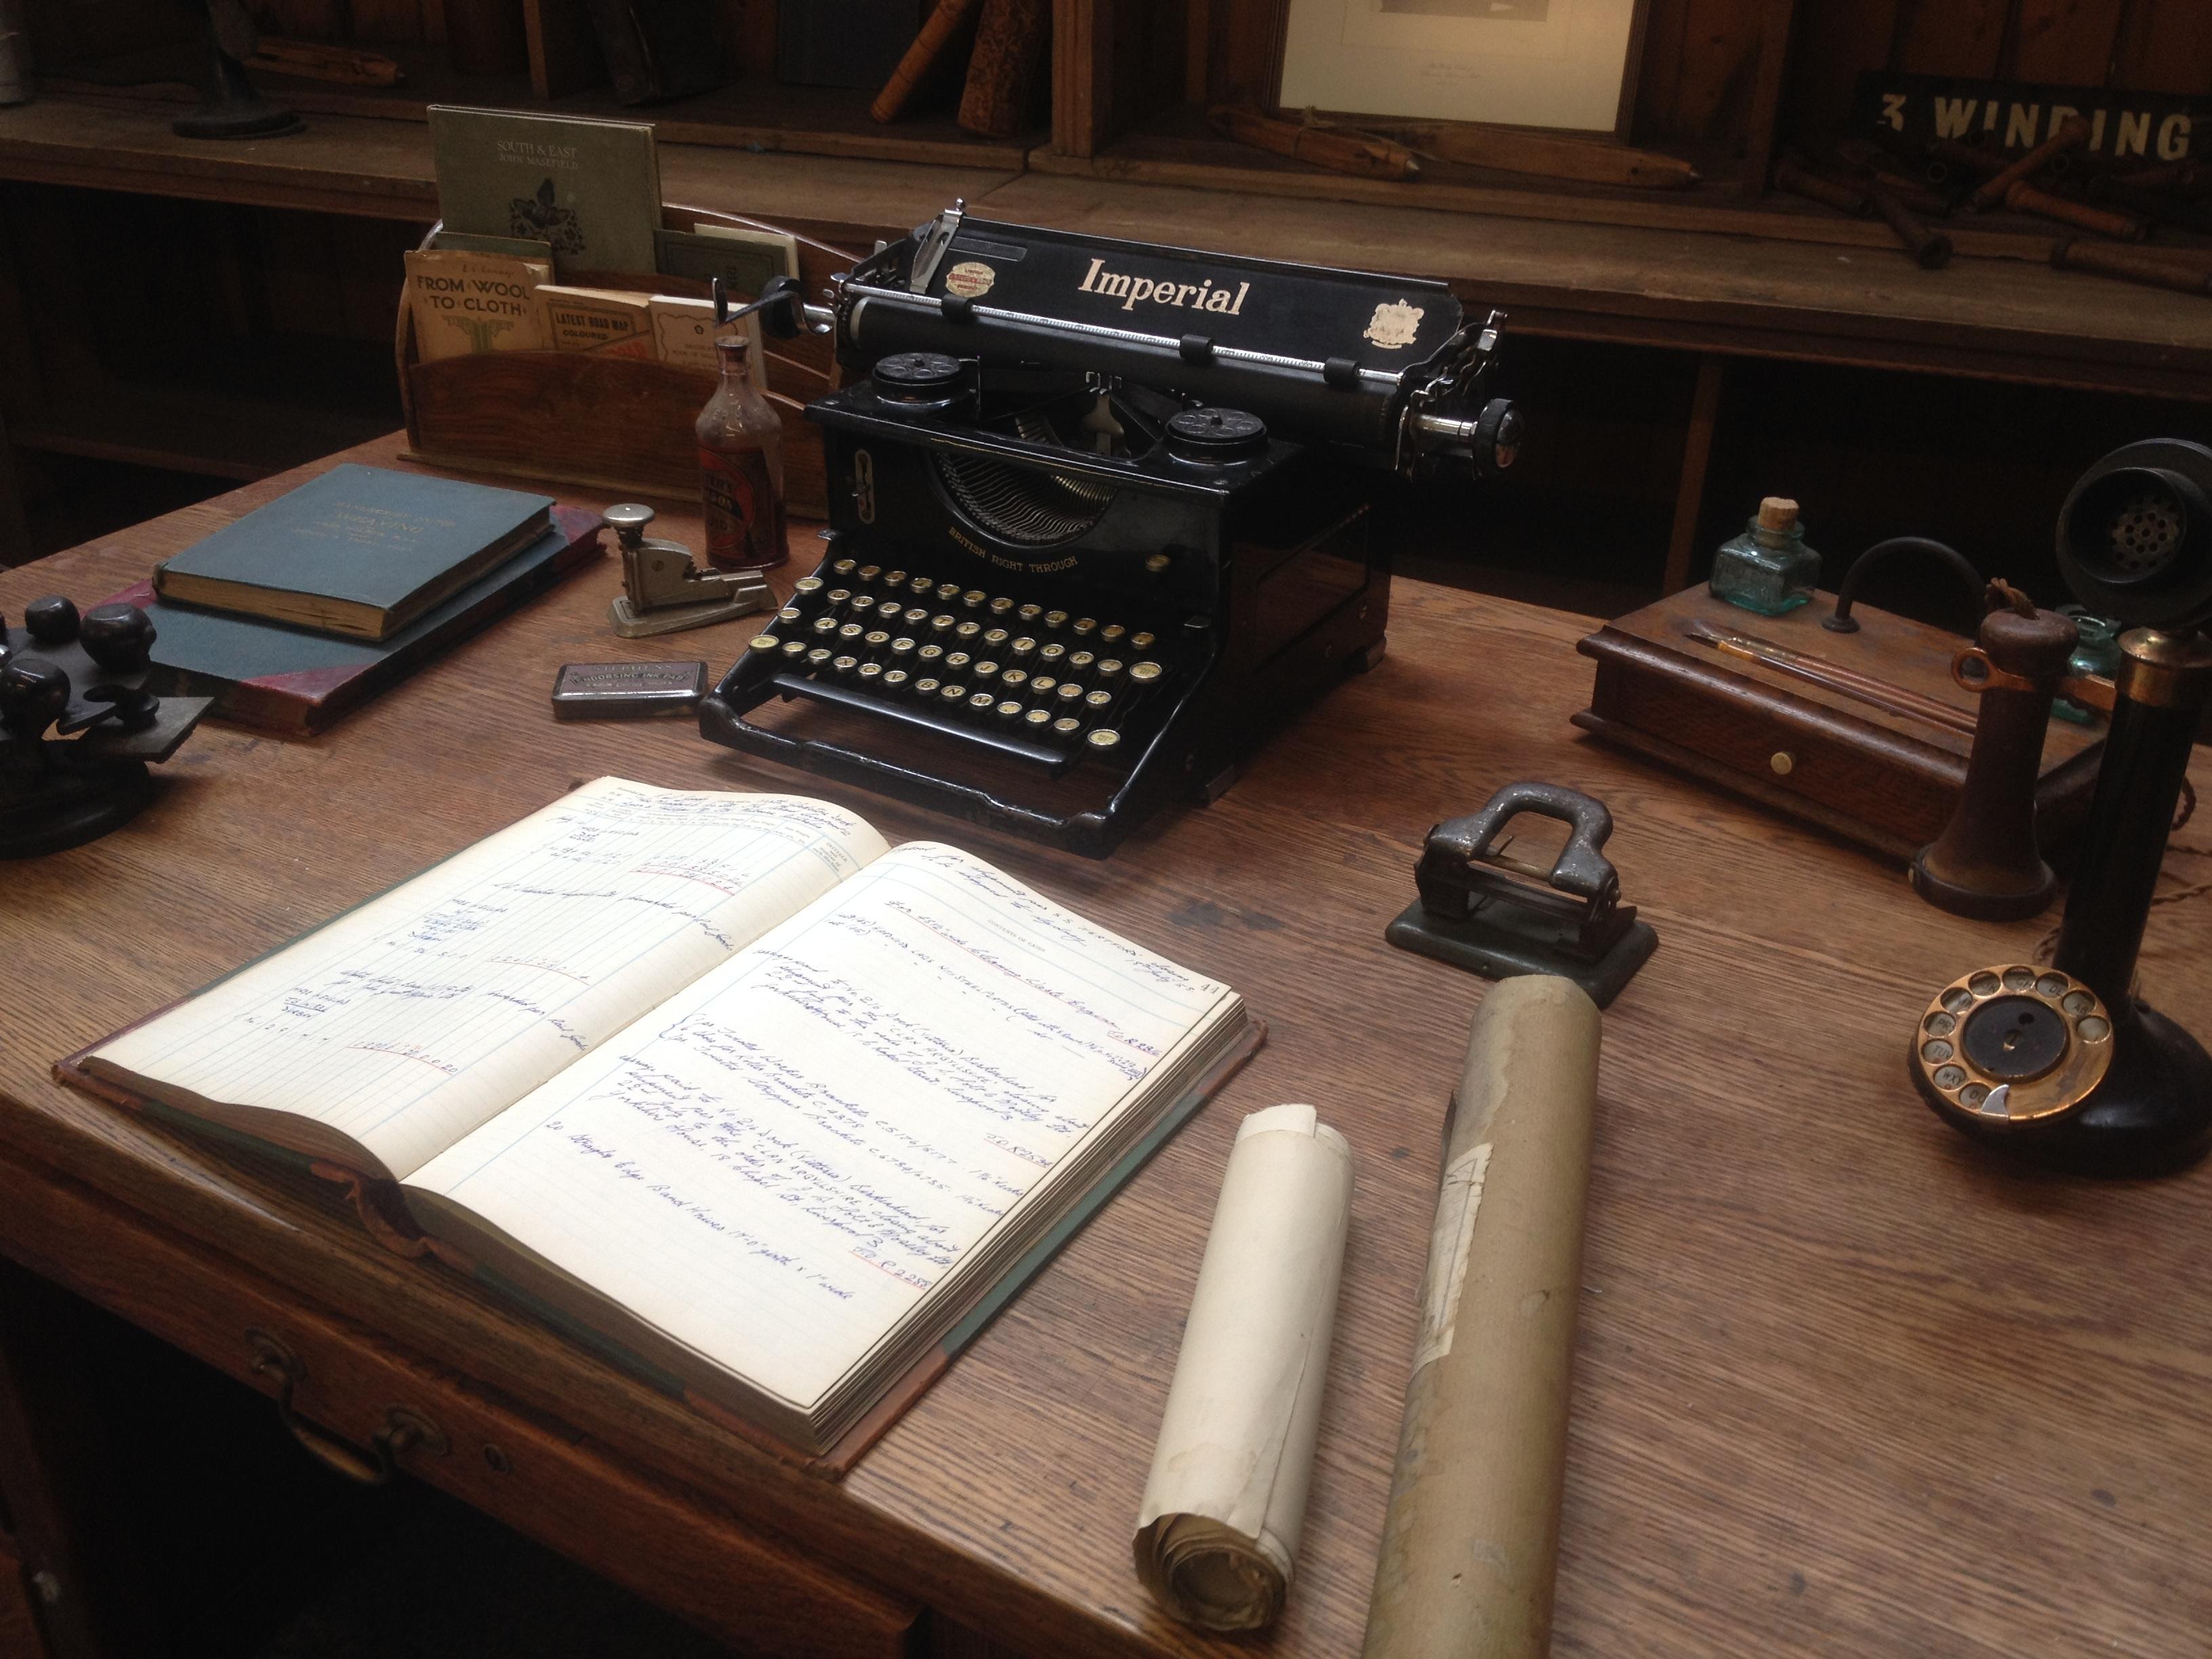 Images gratuites : la technologie cru antique vieux machine à